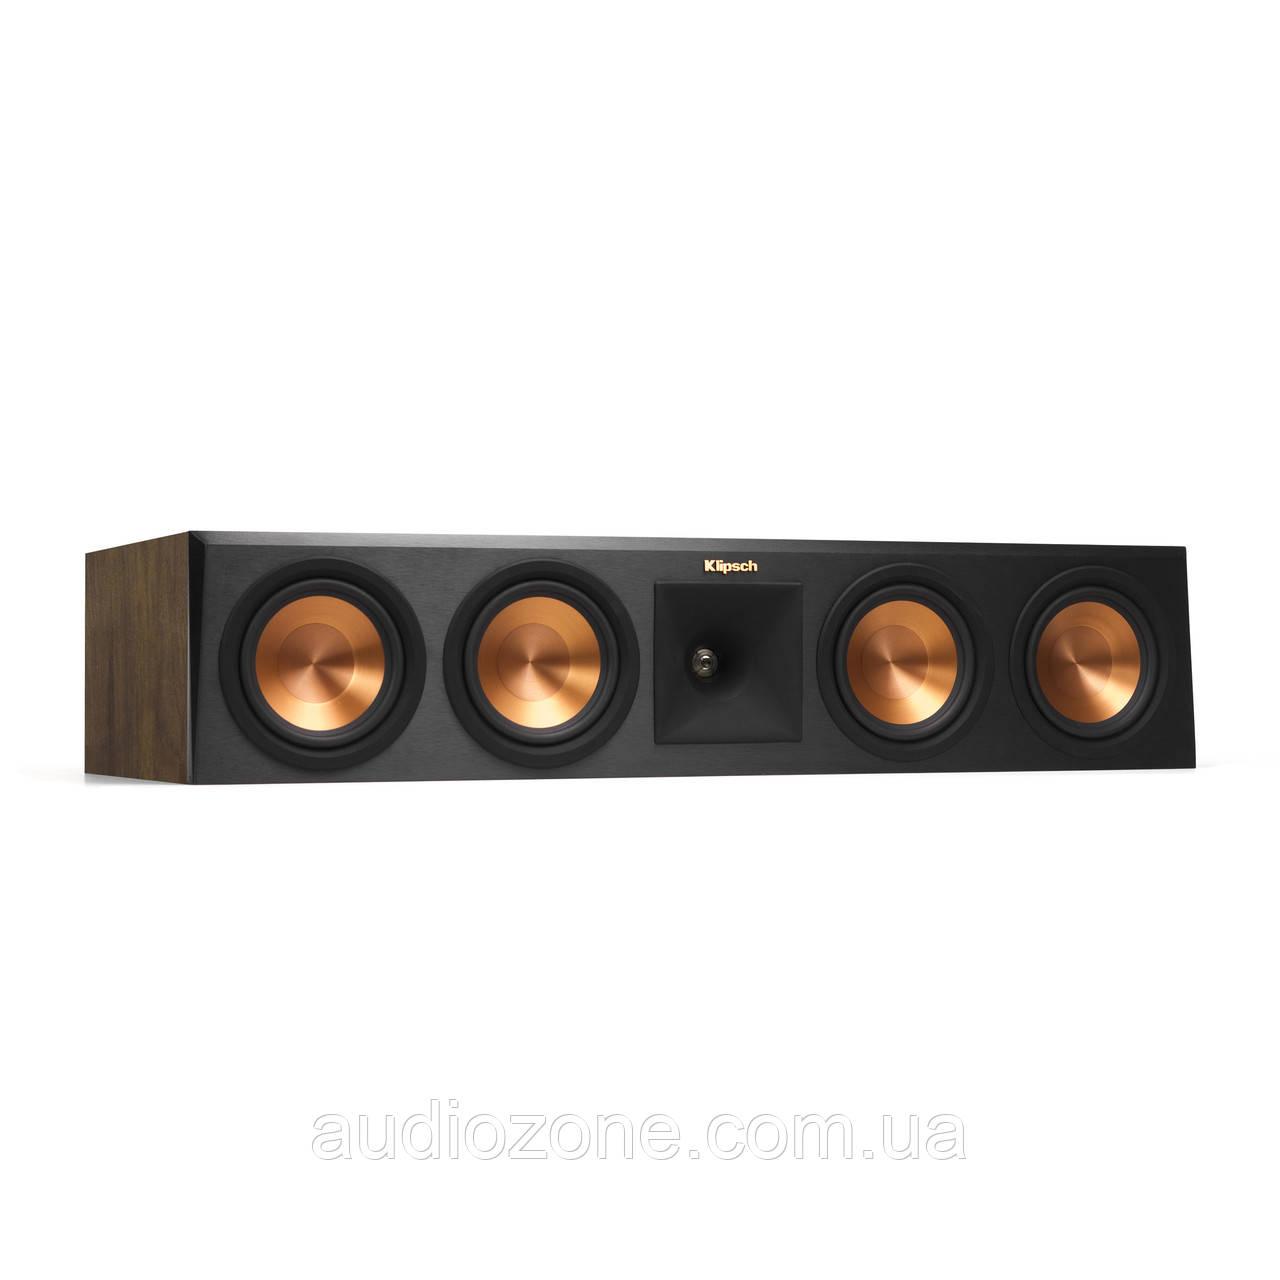 Акустика центрального канала для Atmos Klipsch Reference Premiere RP-450CA Center Speaker